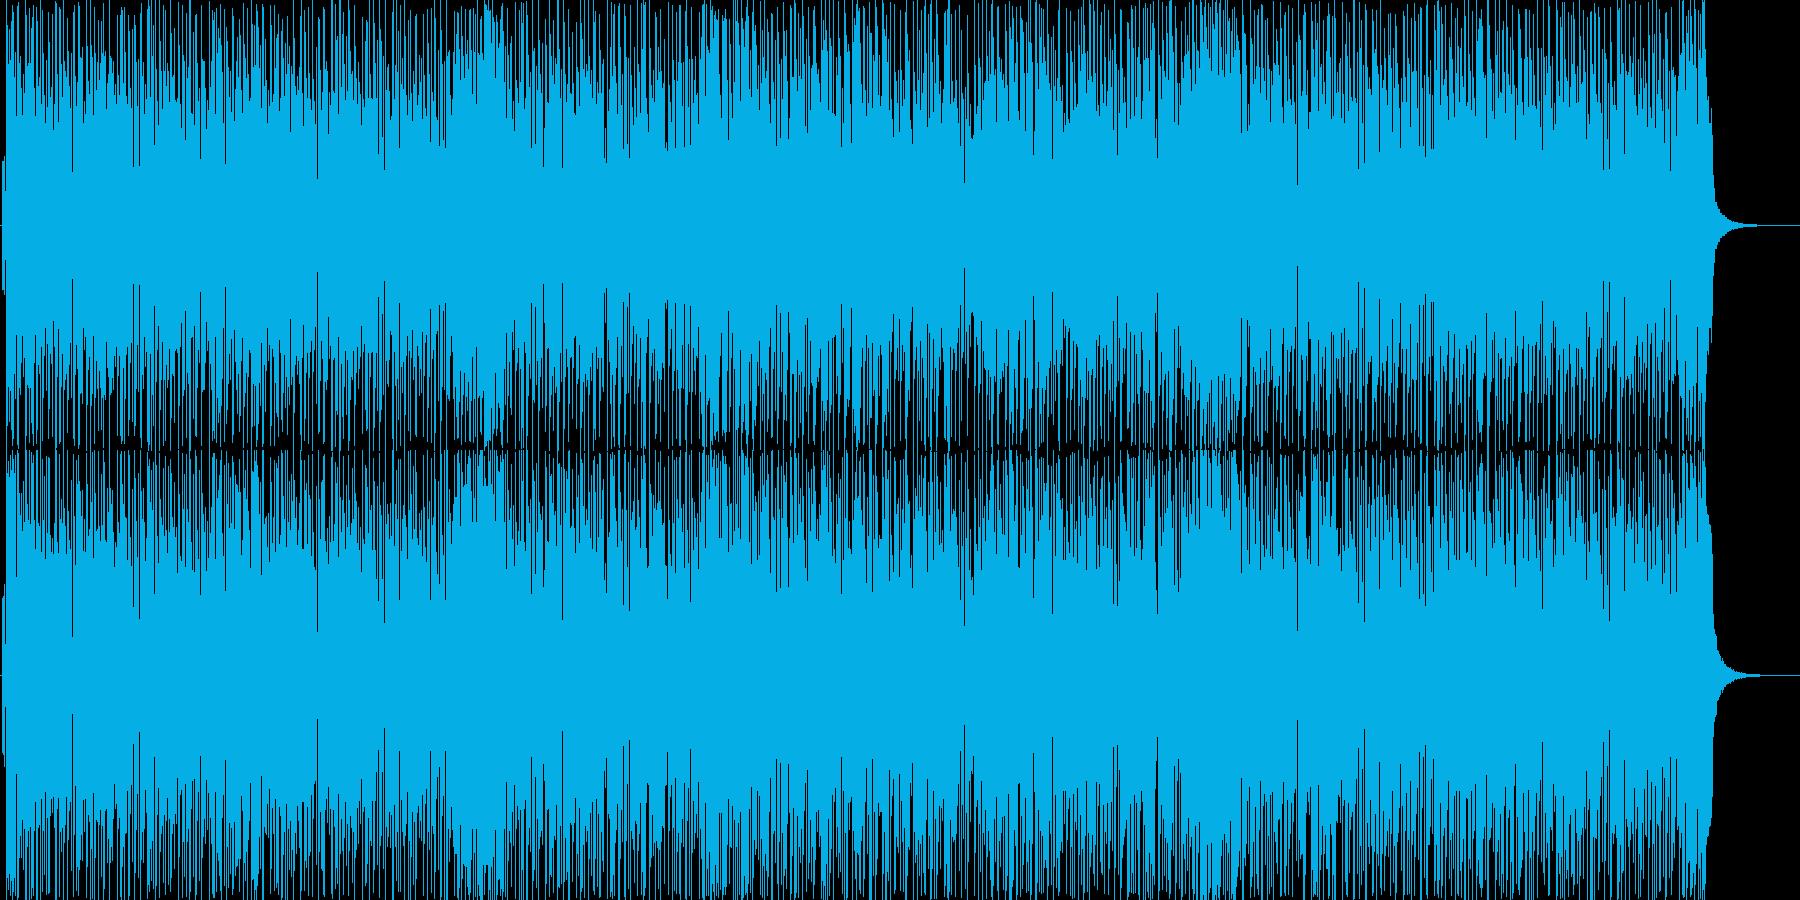 緊張感のあるギターロックの再生済みの波形